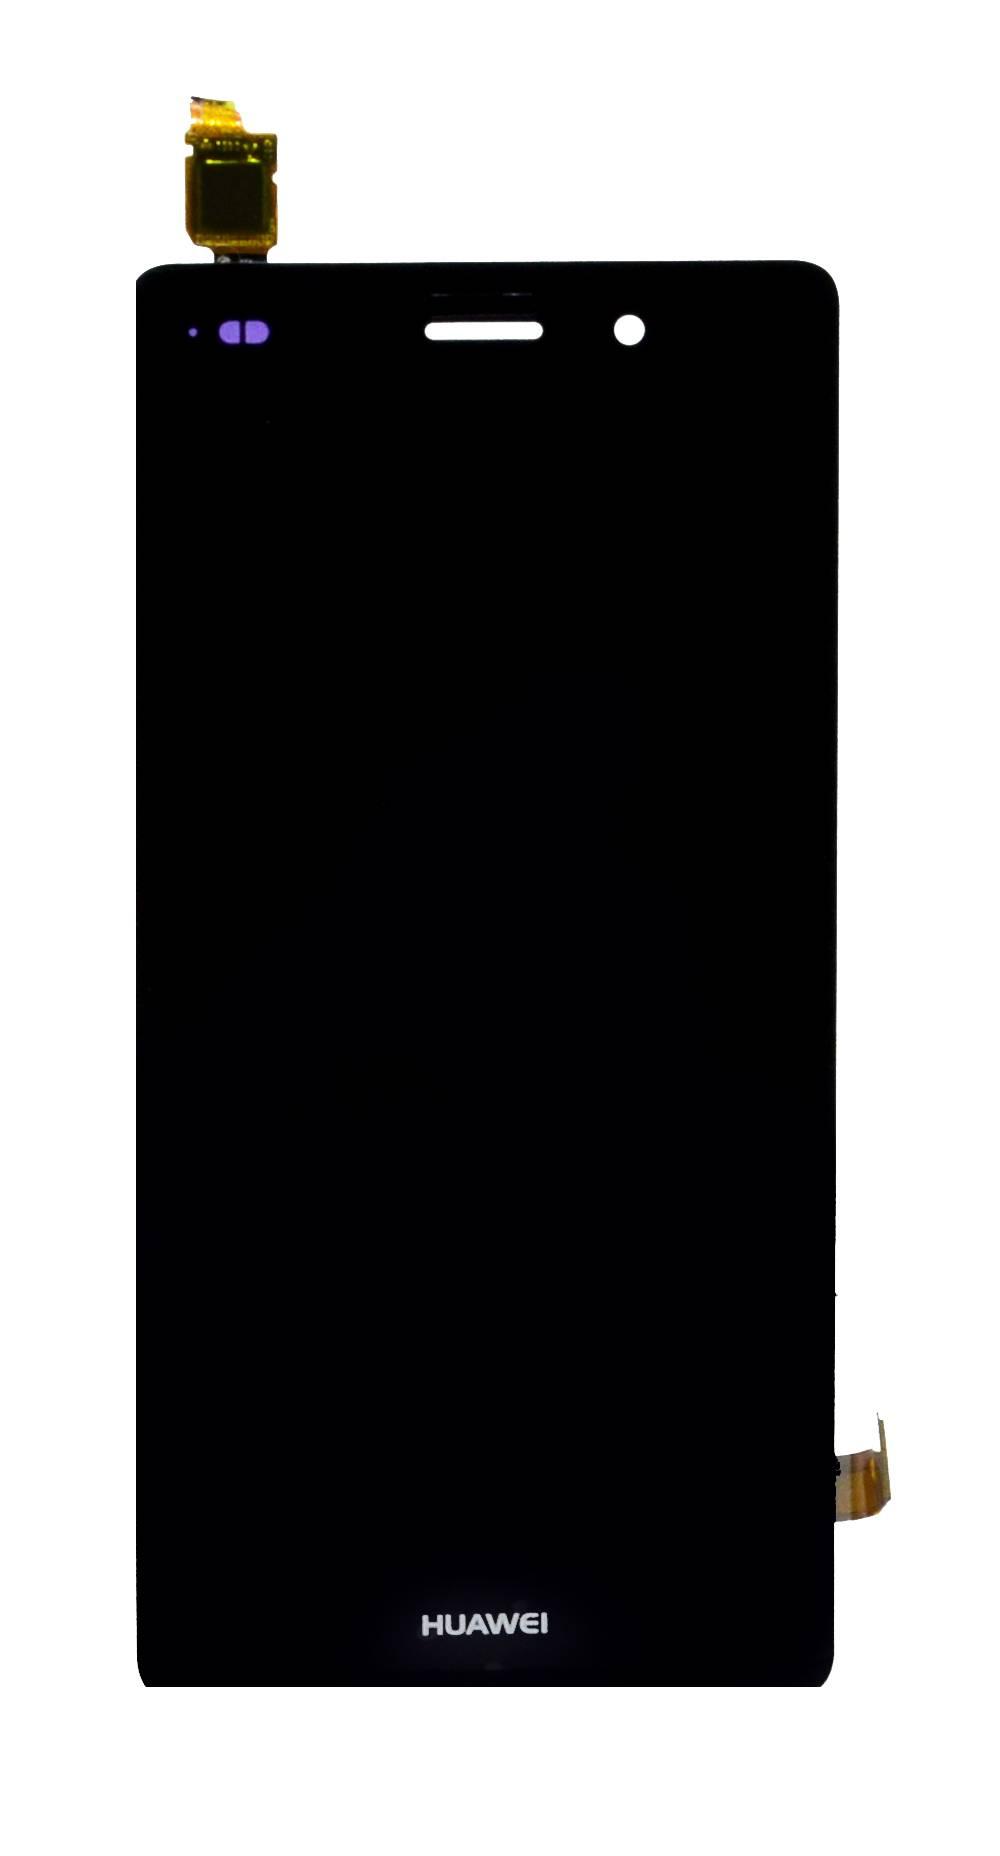 Γνήσια Οθόνη & Μηχανισμός Αφής Huawei Ascend P8 Lite Μαύρο χωρίς Πλαίσιο